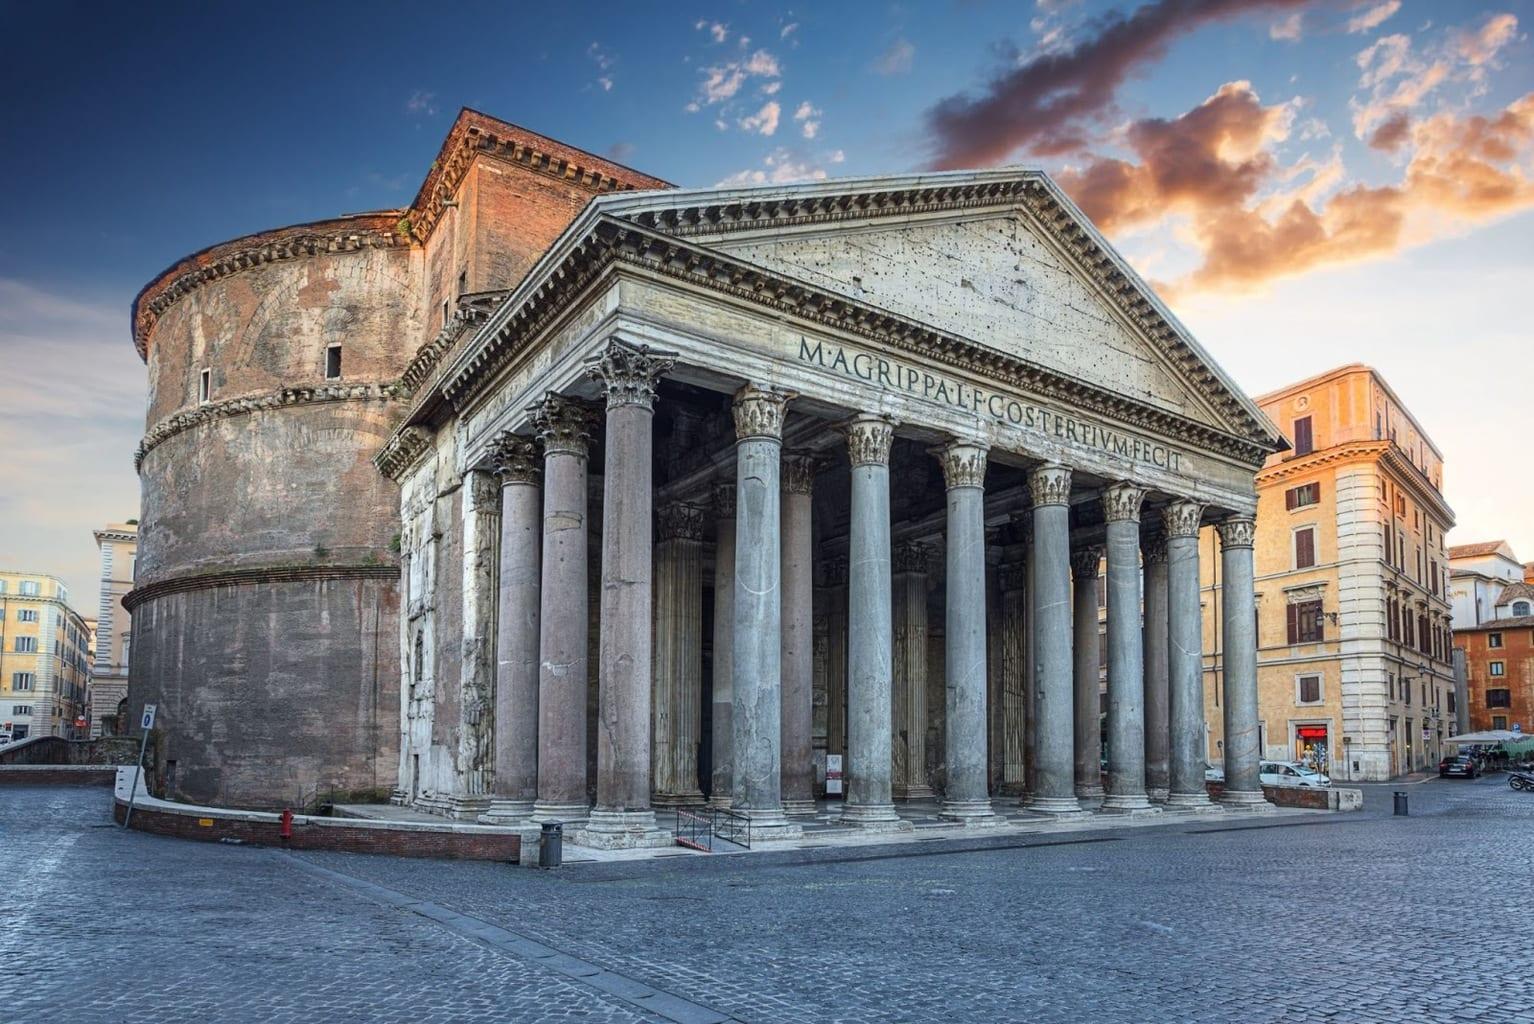 The epic Pantheon